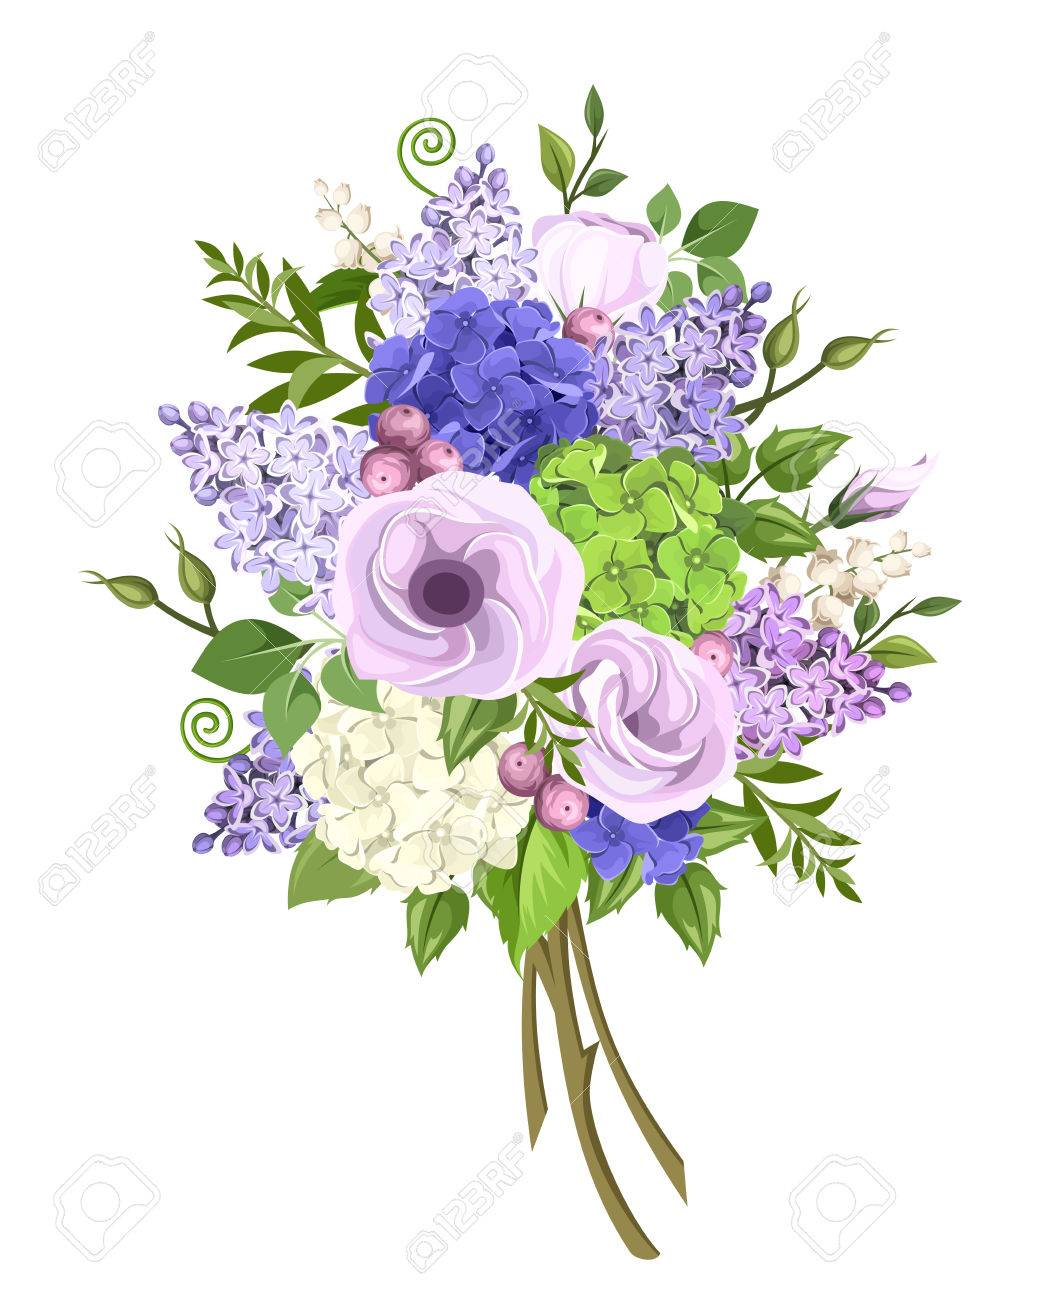 Bouquet Von Lila Blau Weiss Und Grun Lisianthus Flieder Und